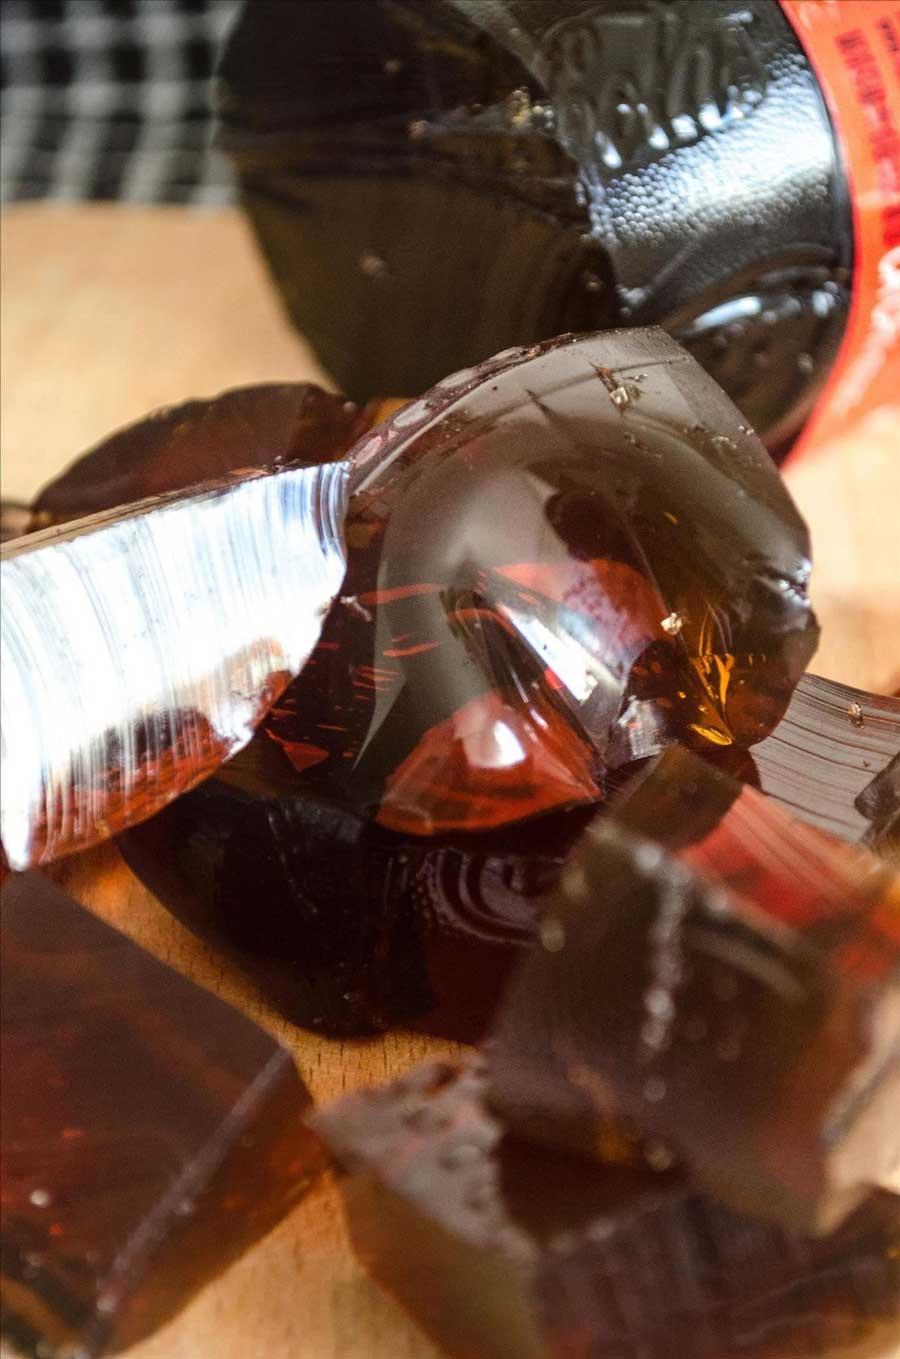 خرد کردن ژله در بطری نوشابه و خوردن